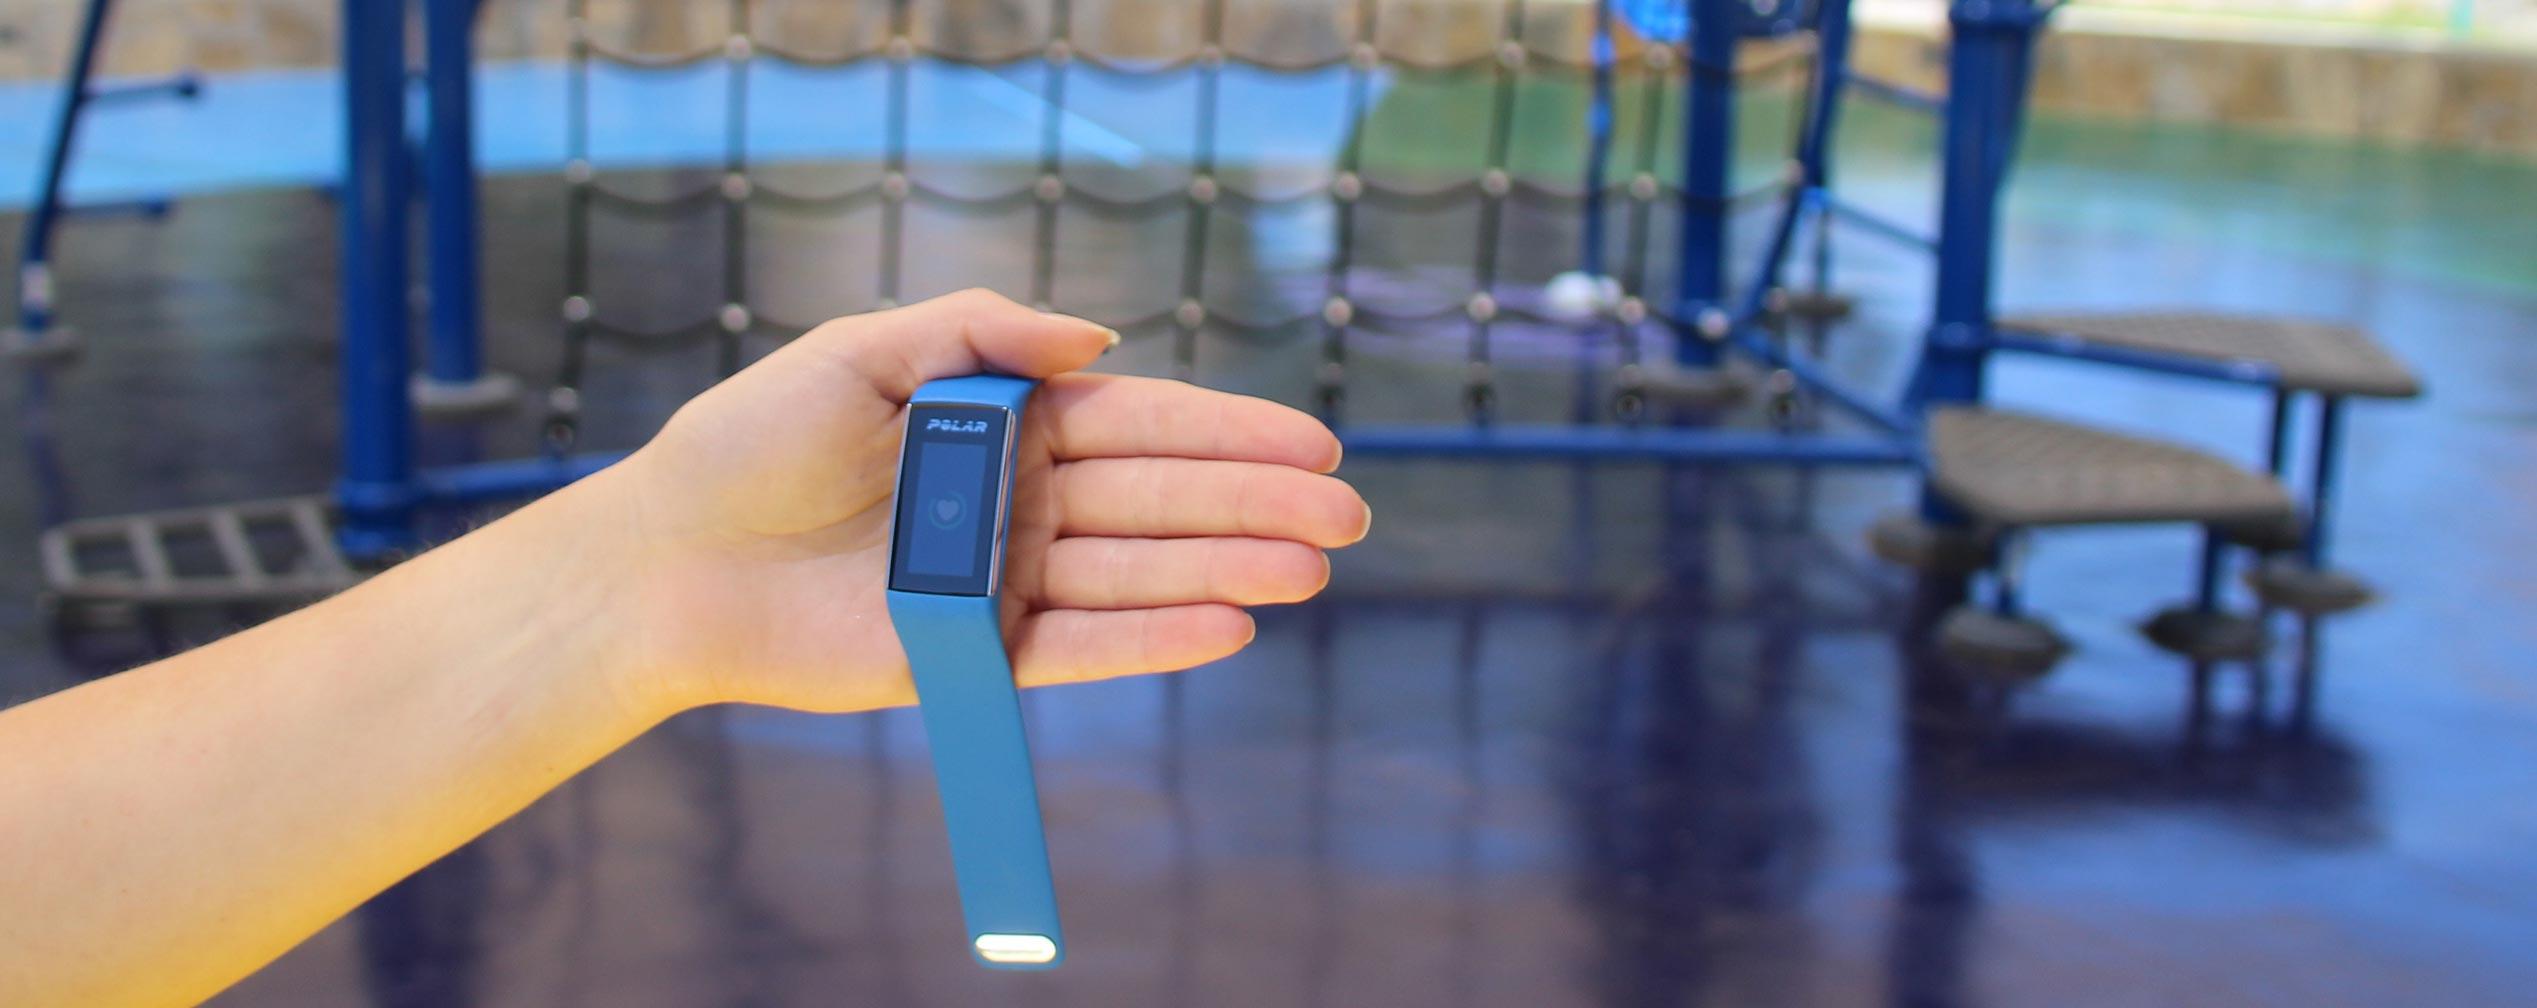 Hand präsentiert Fitnesstracker Polar A360